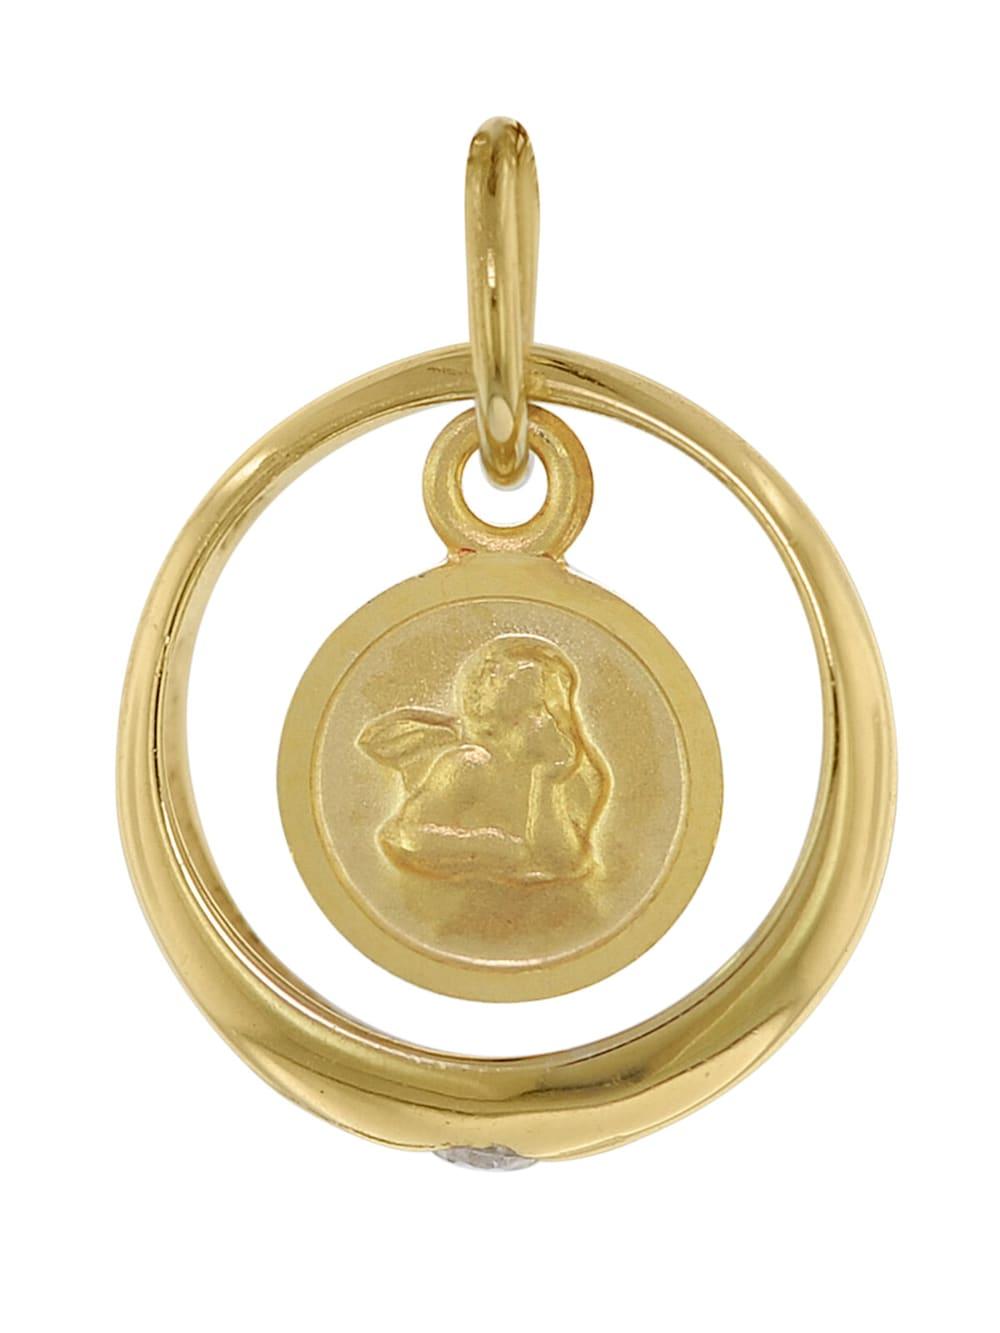 Jungen oder M/ütter trendor Halskette mit Engel-Taufring Gold auf Silber zauberhafter Taufschmuck f/ür M/ädchen wundersch/öne Geschenkidee zur Taufe 75956